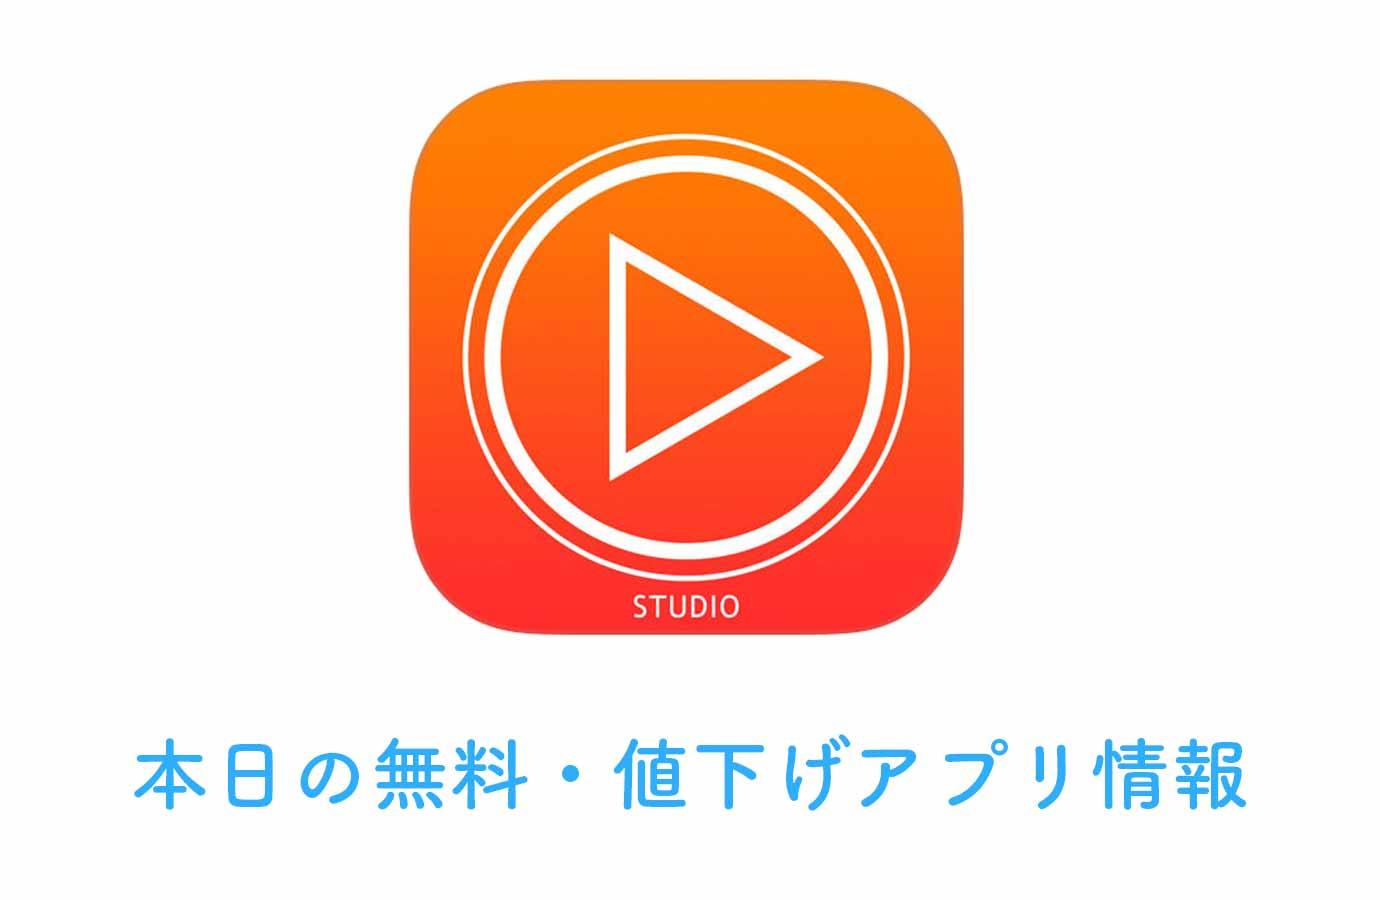 600円→無料、48バンドイコライザーを搭載した音楽プレイヤーアプリ「Studio Music Player」など【6/11】本日の無料・値下げアプリ情報